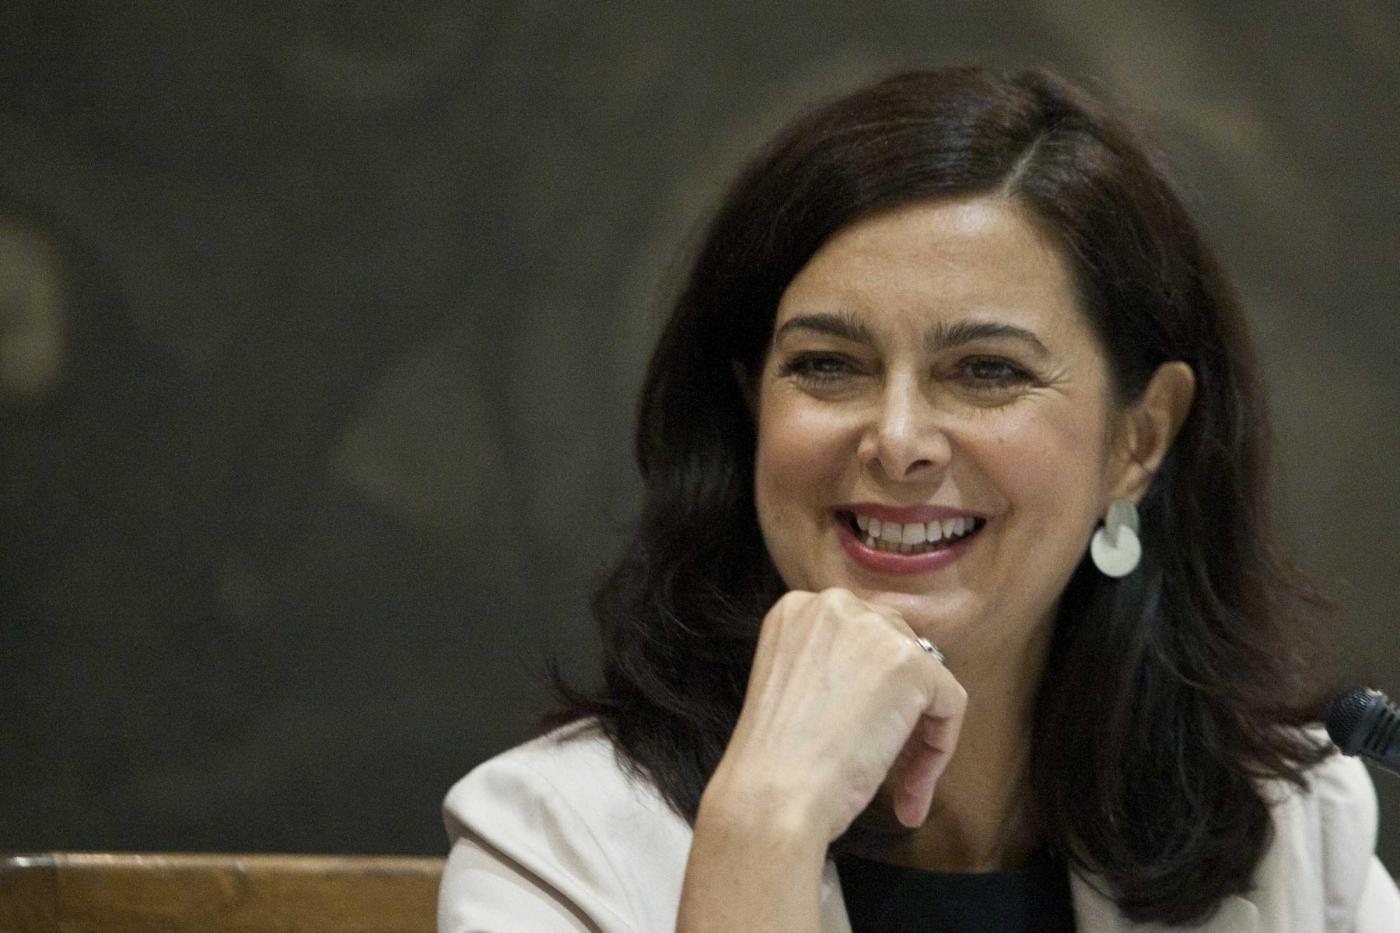 Laura boldrini oggi il compleanno biografia e carriera for Presidente della camera attuale